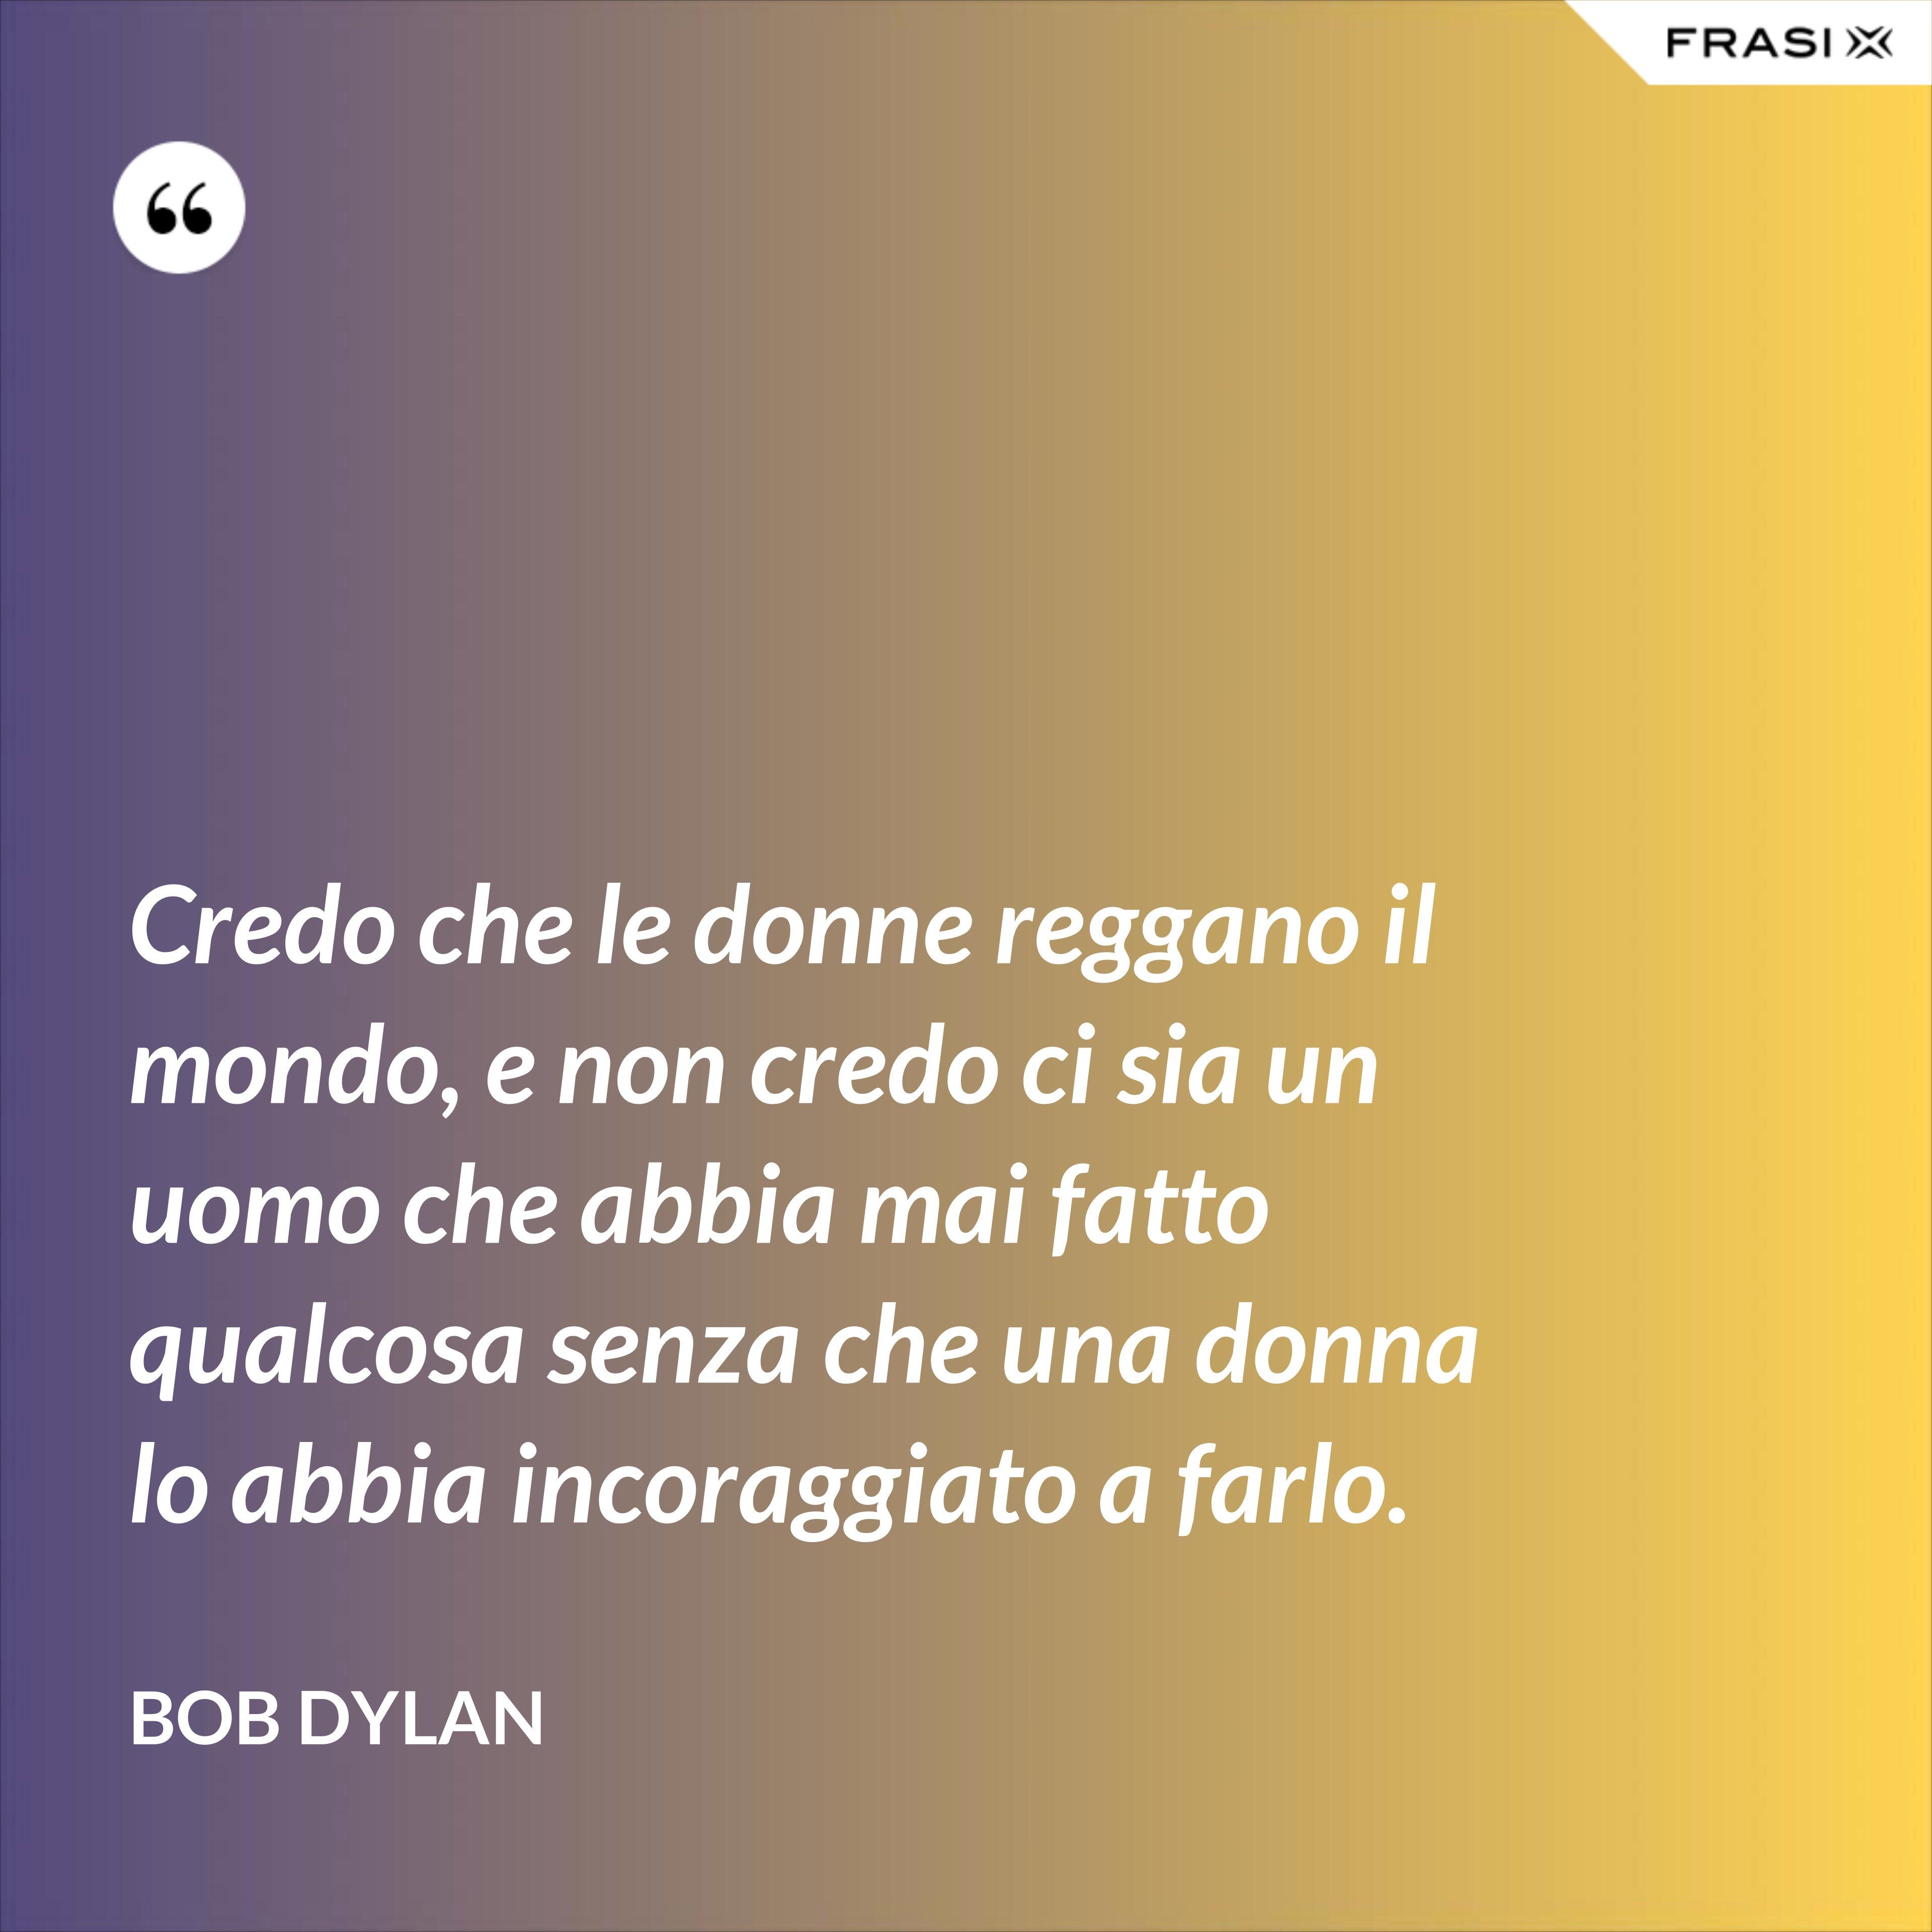 Credo che le donne reggano il mondo, e non credo ci sia un uomo che abbia mai fatto qualcosa senza che una donna lo abbia incoraggiato a farlo. - Bob Dylan